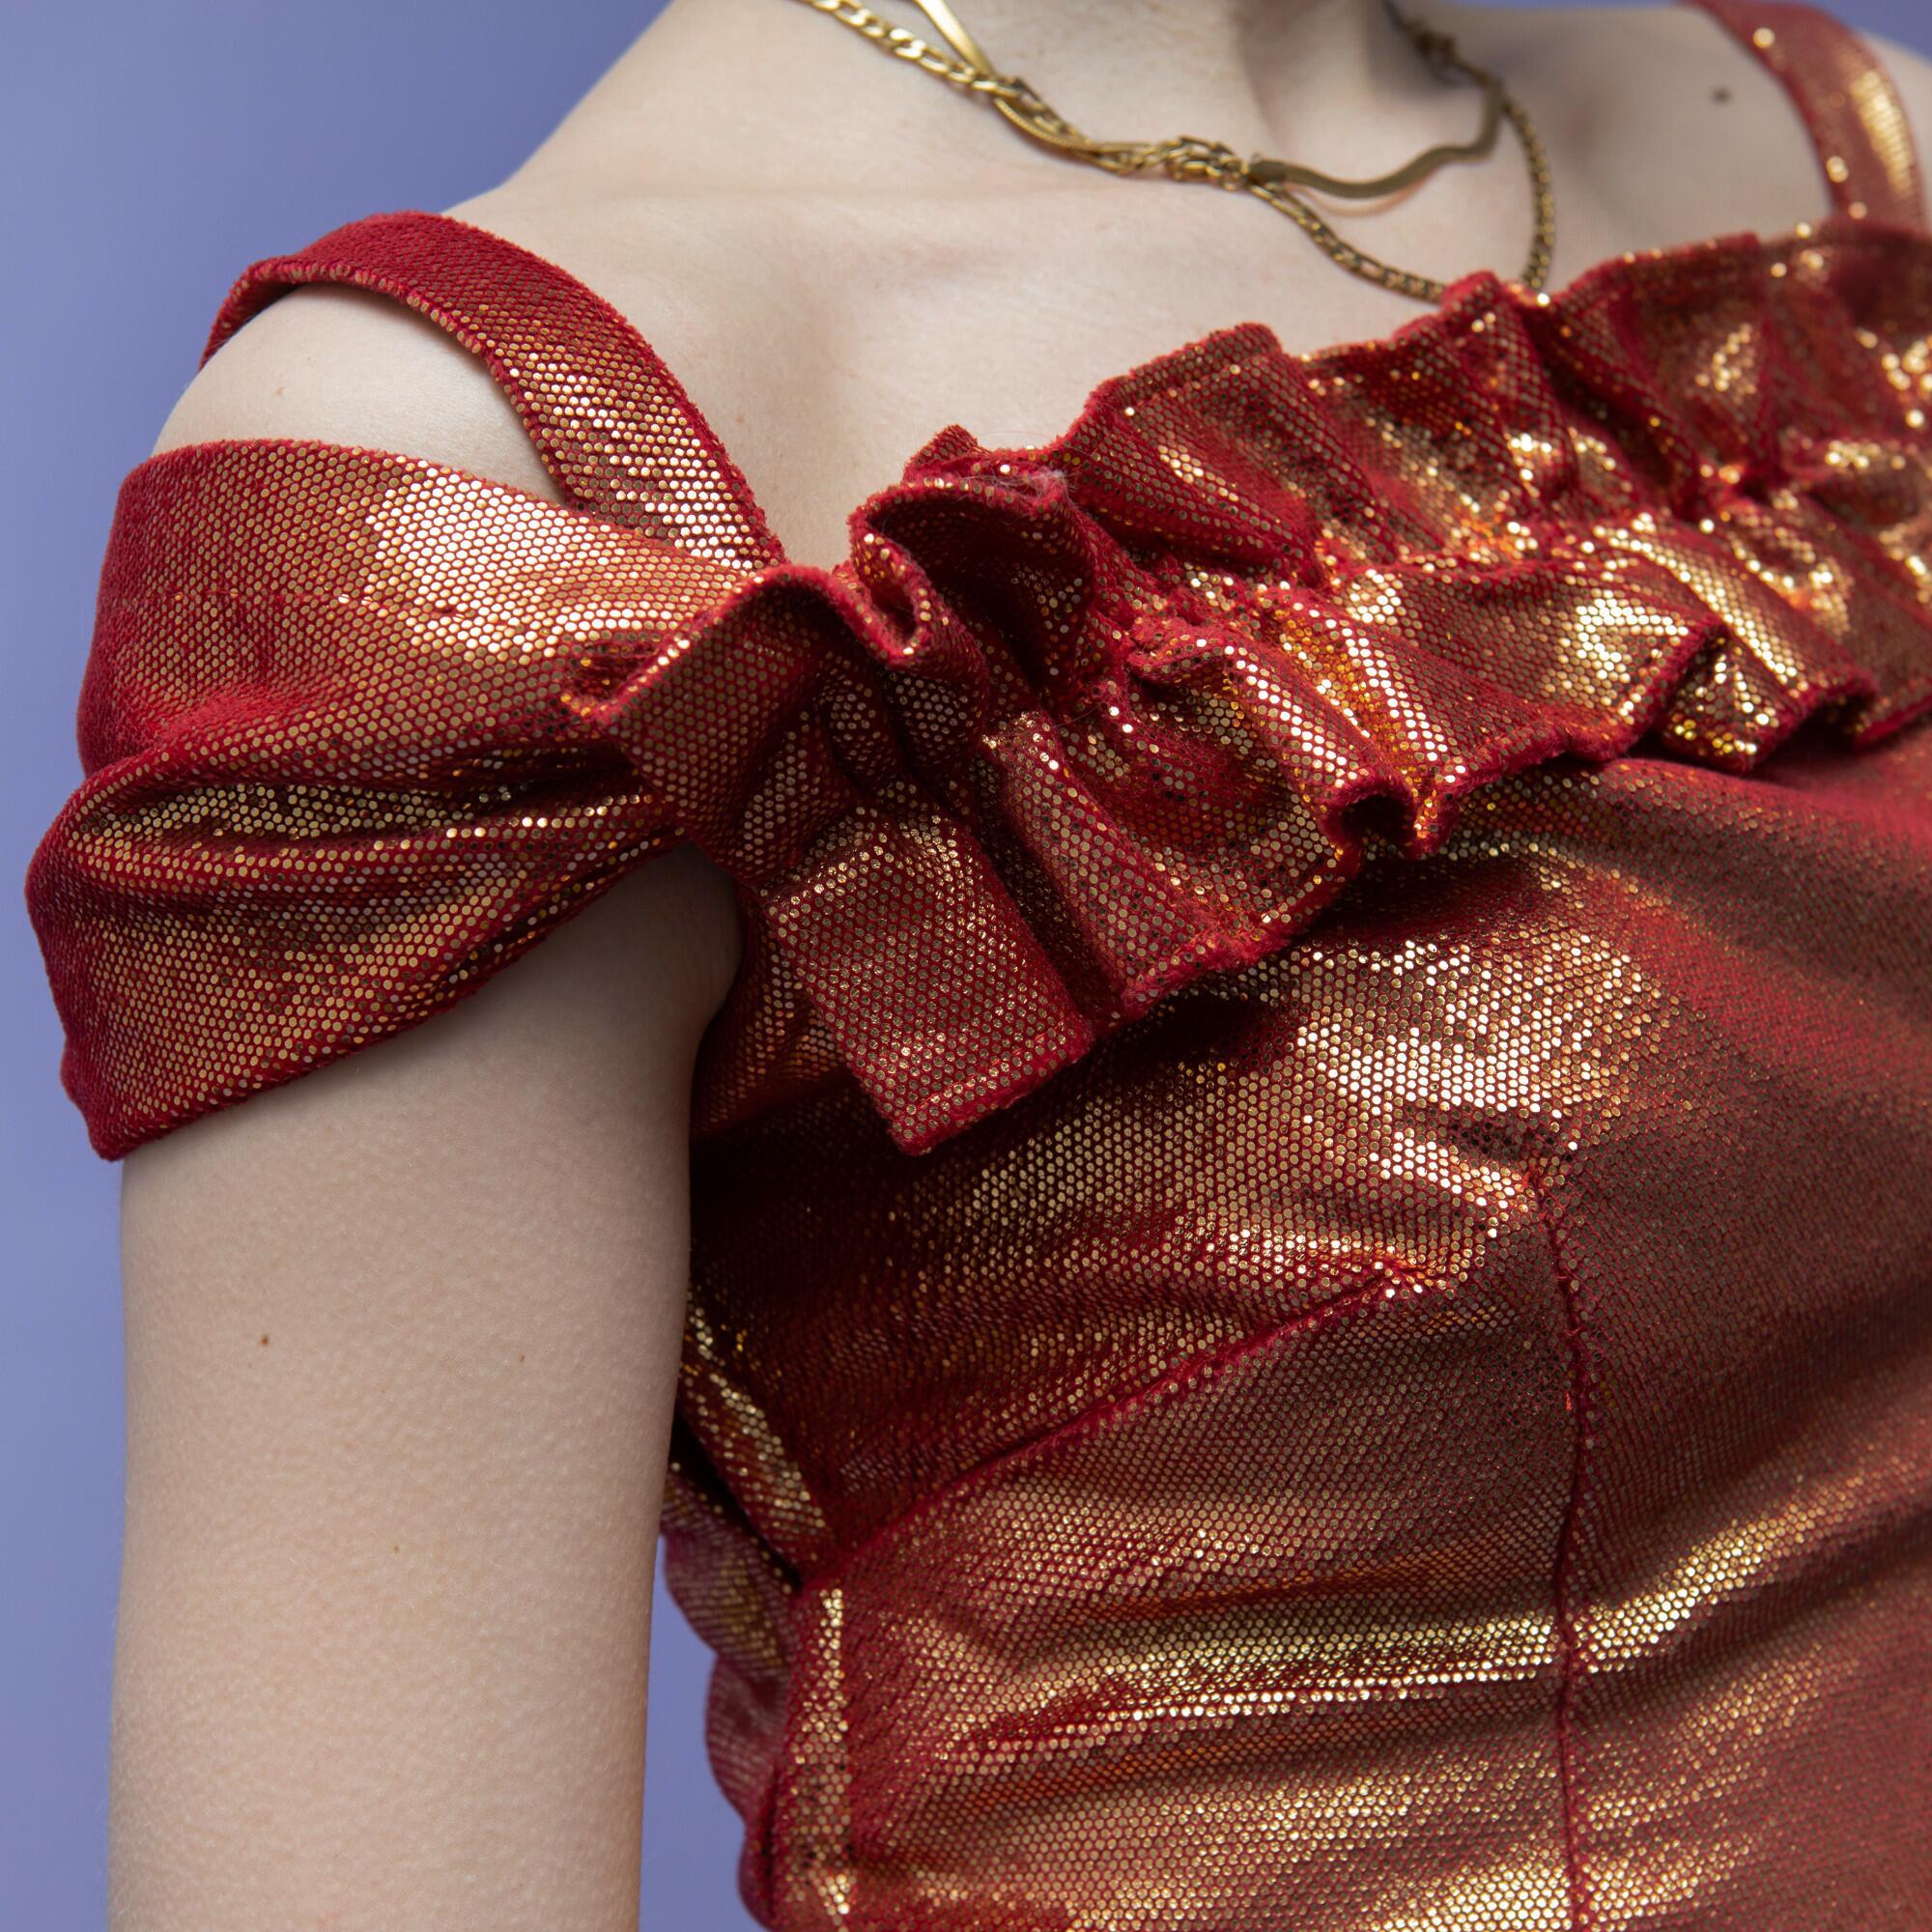 Czerwono-pomarańczowa sukienka smocza łuska - KEX Vintage Store | JestemSlow.pl